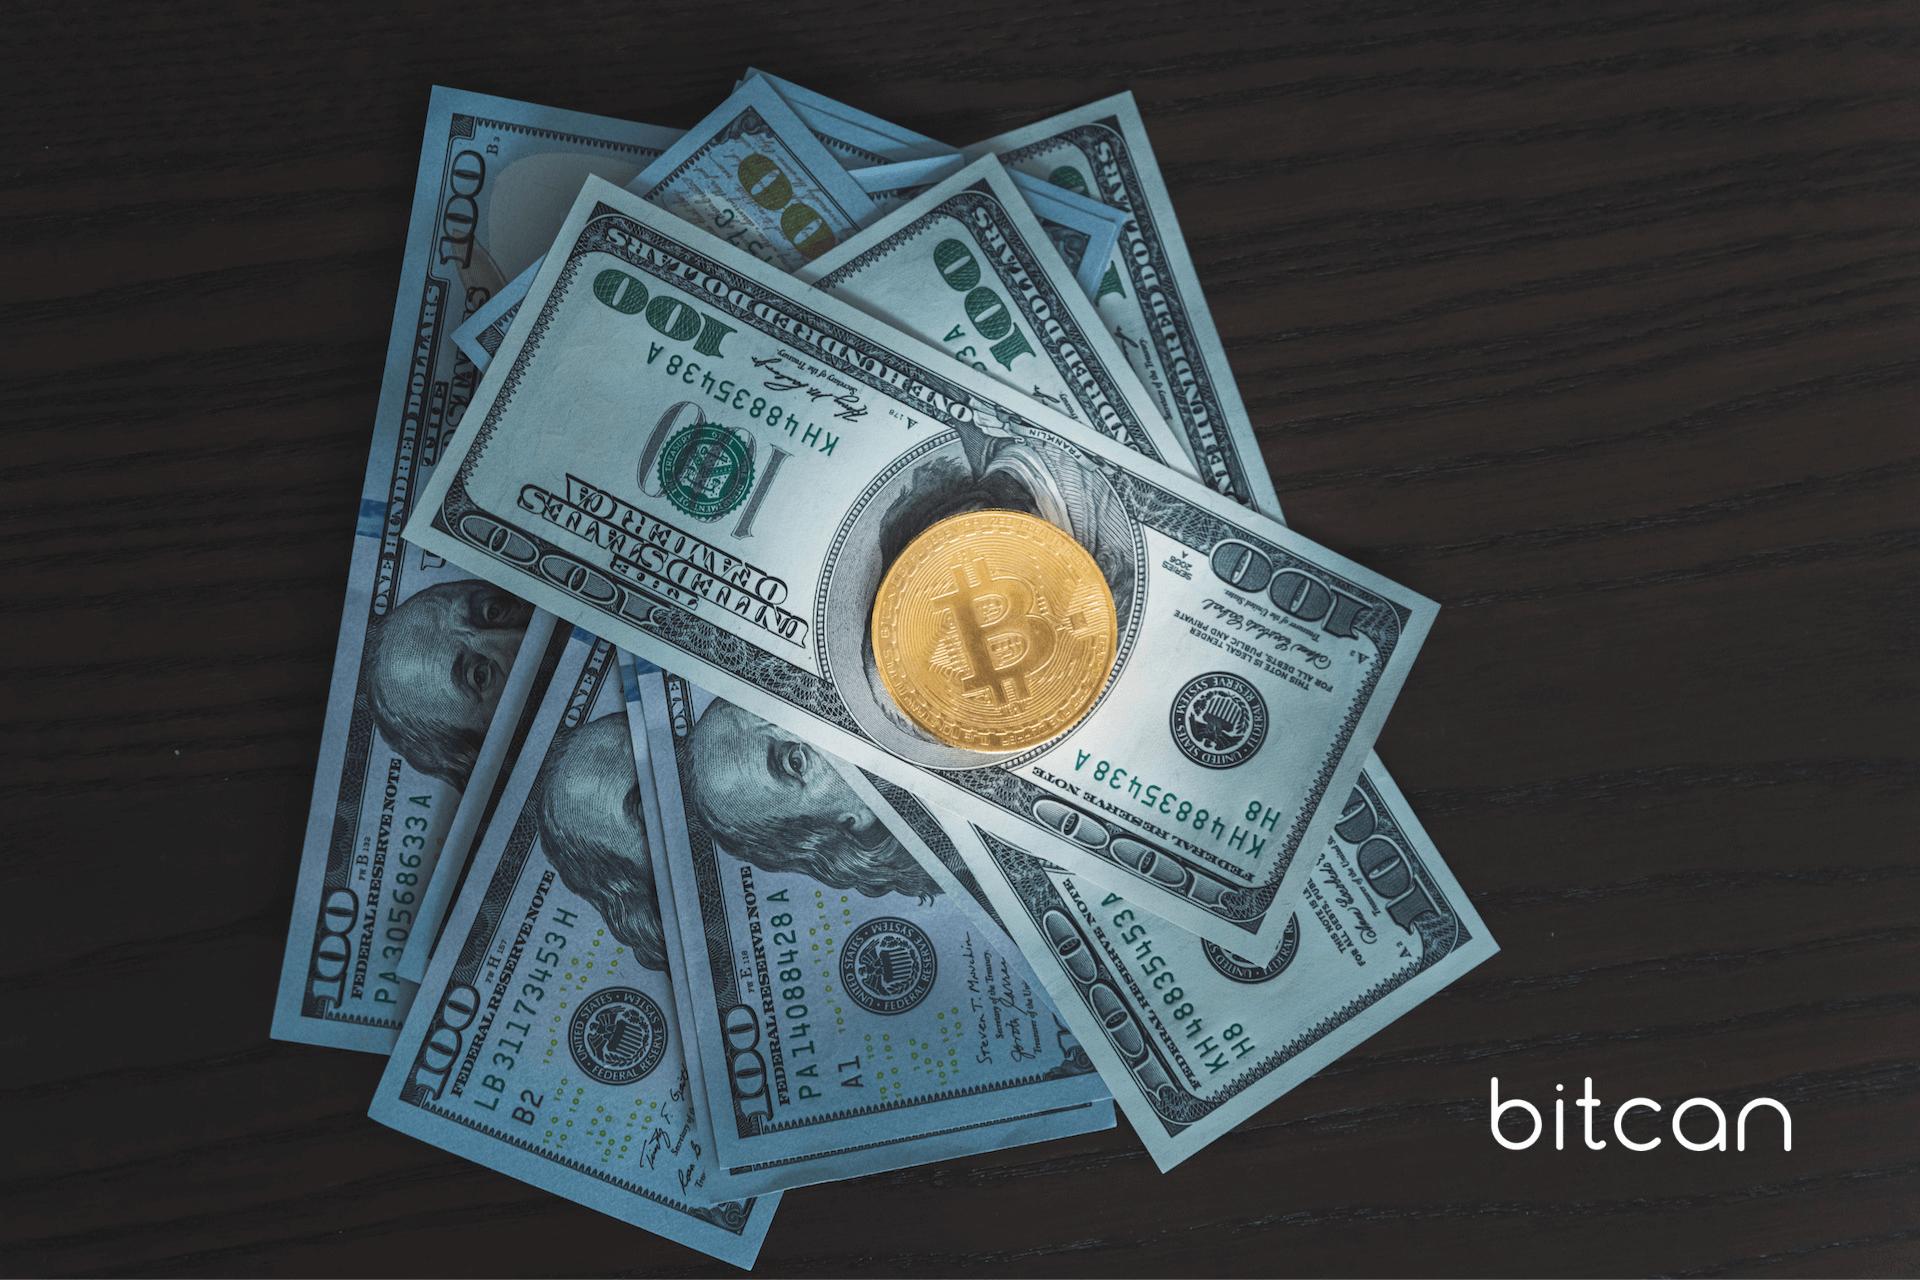 Bitcoin powinien kosztować 103 tys. dol., wynika z modelu, który przewidział zyski w 2018 r.